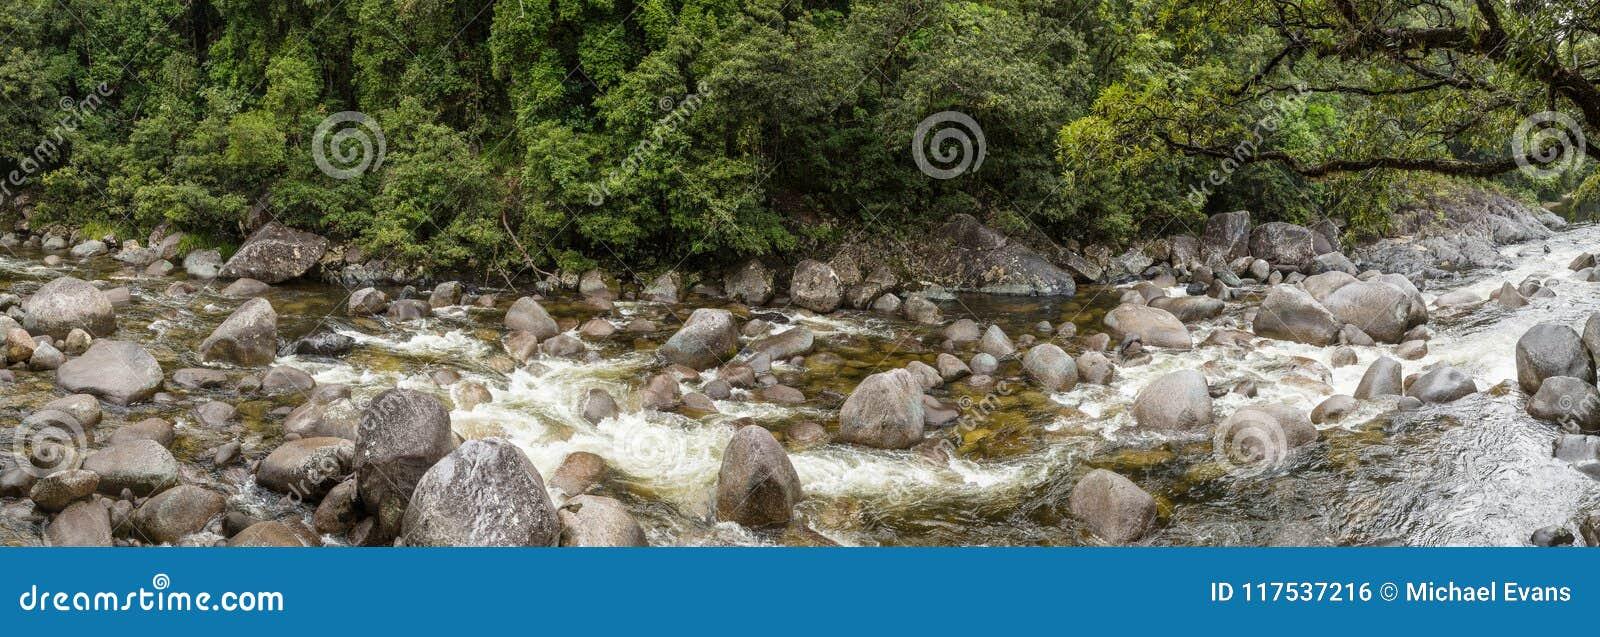 Mossman-Schlucht n der Daintree-Regenwald, Queensland Australien